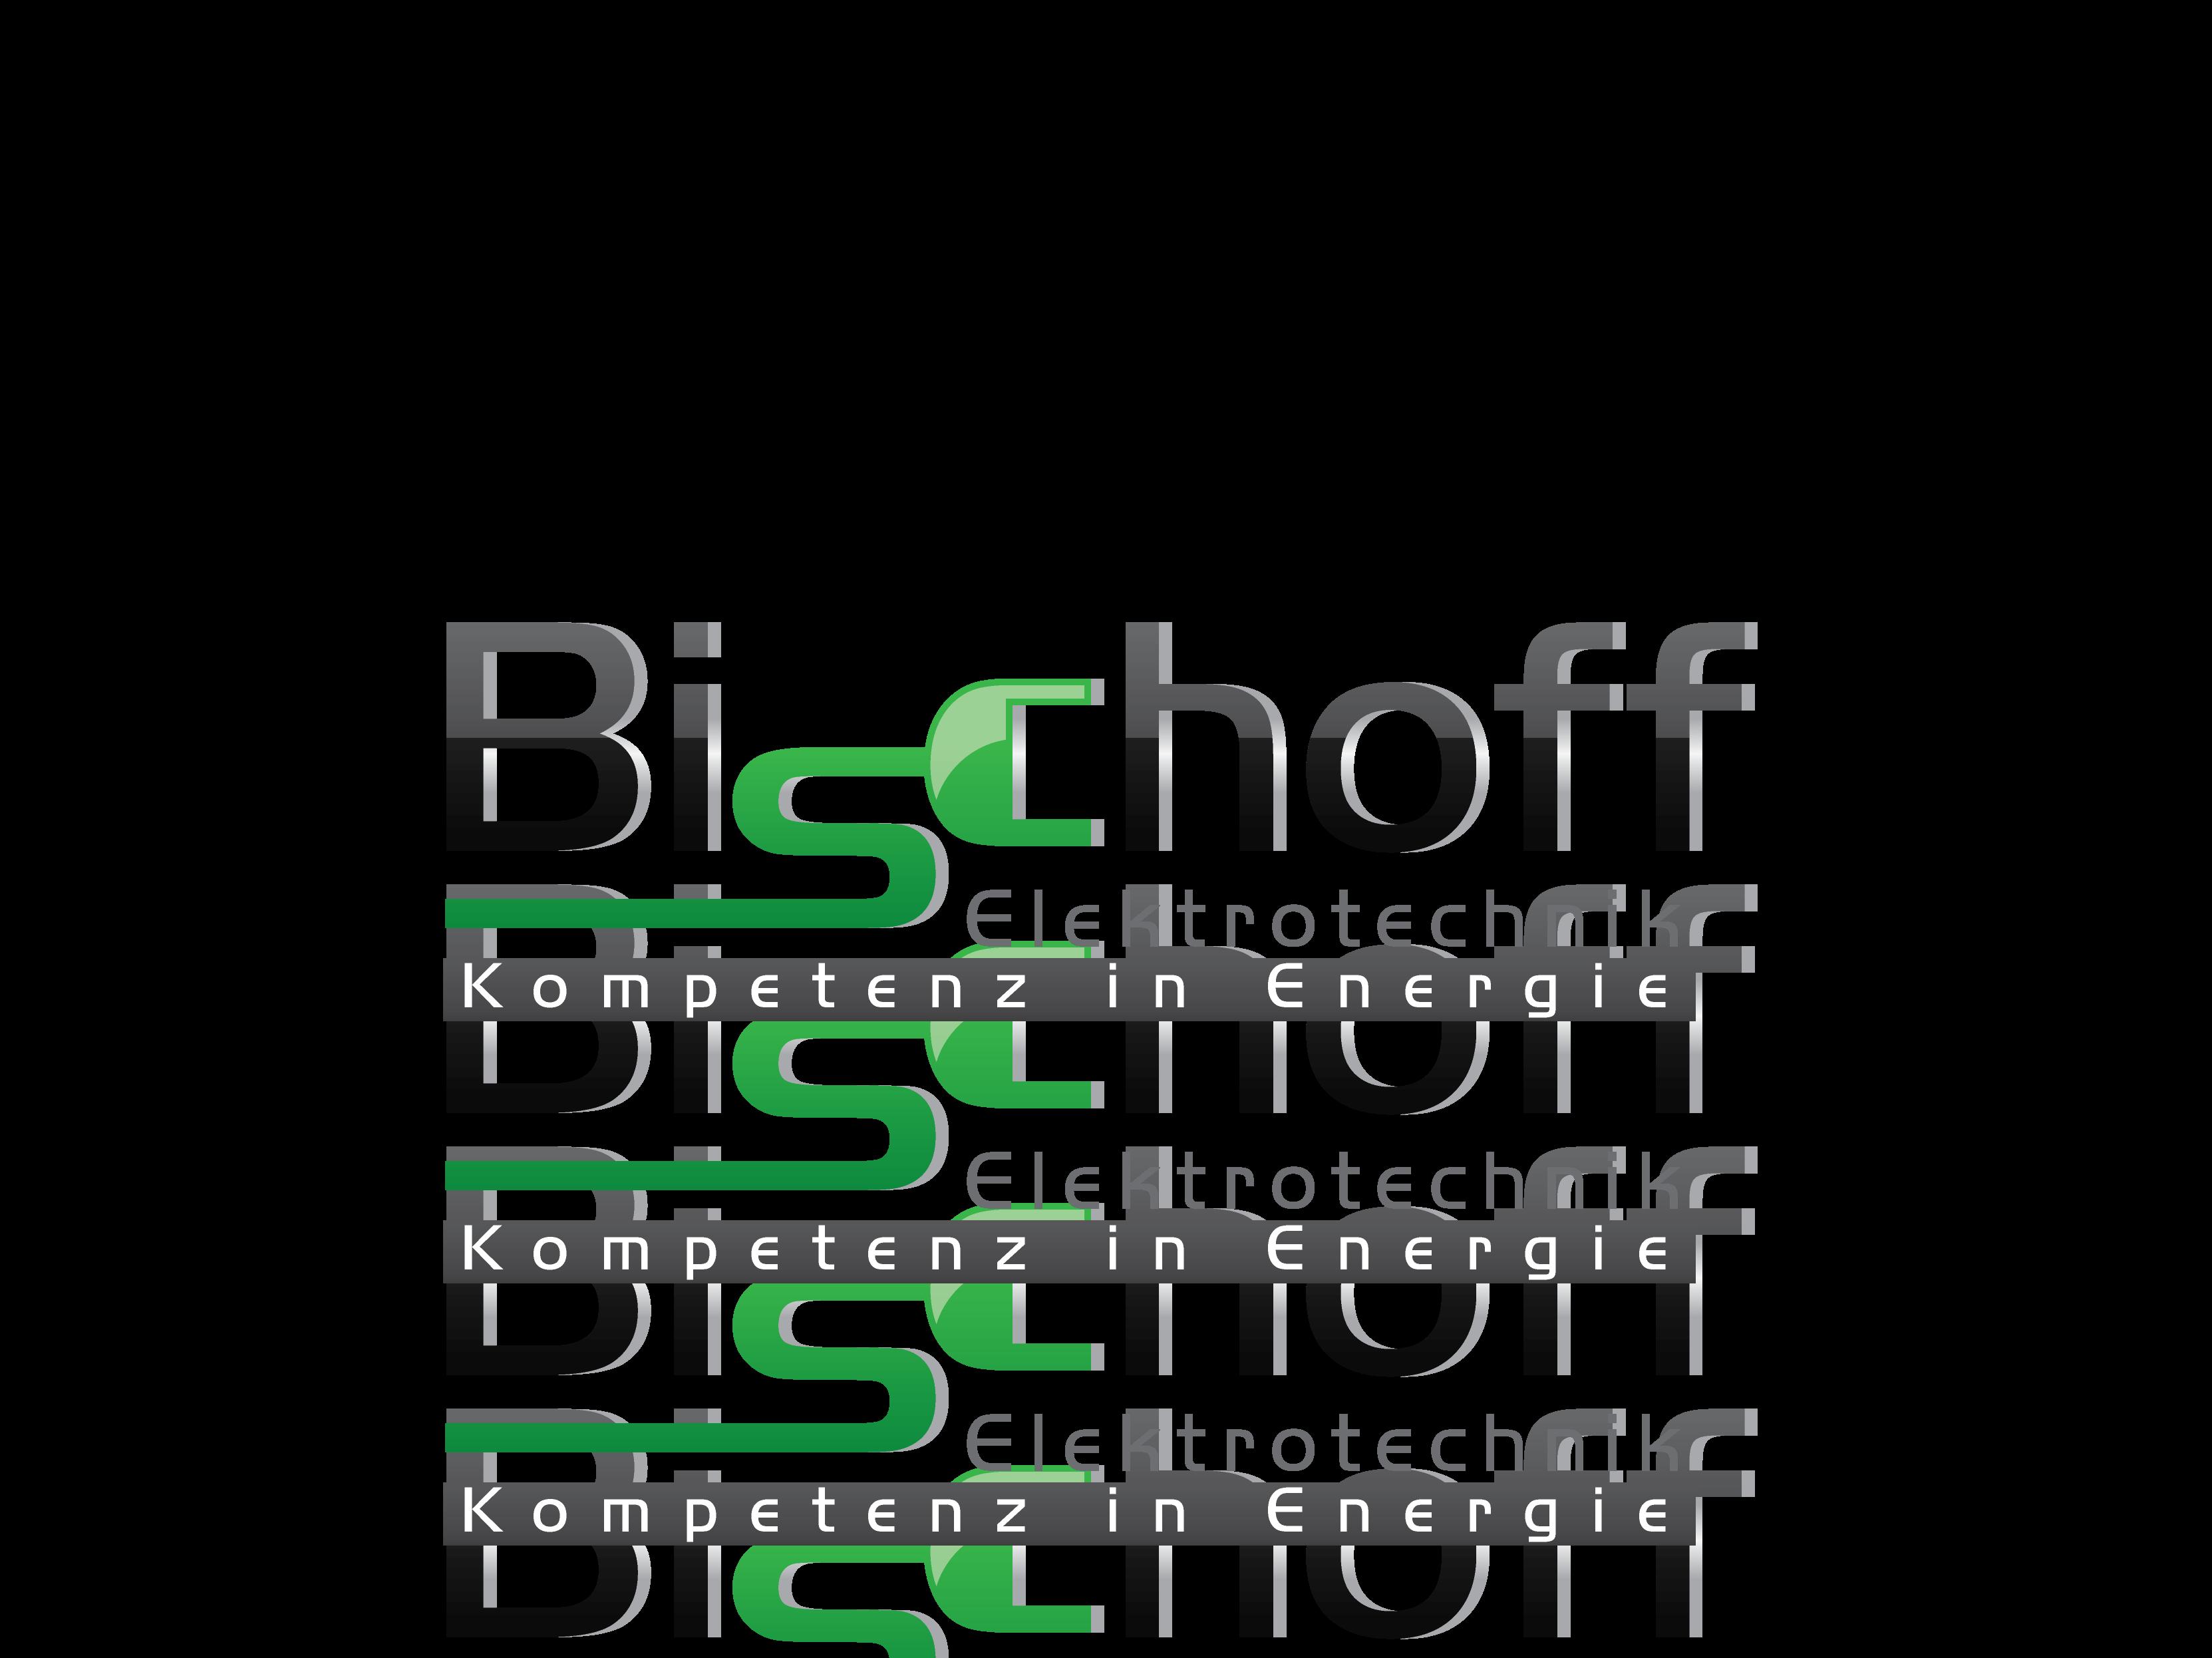 Bischoff-Elektrotechnik